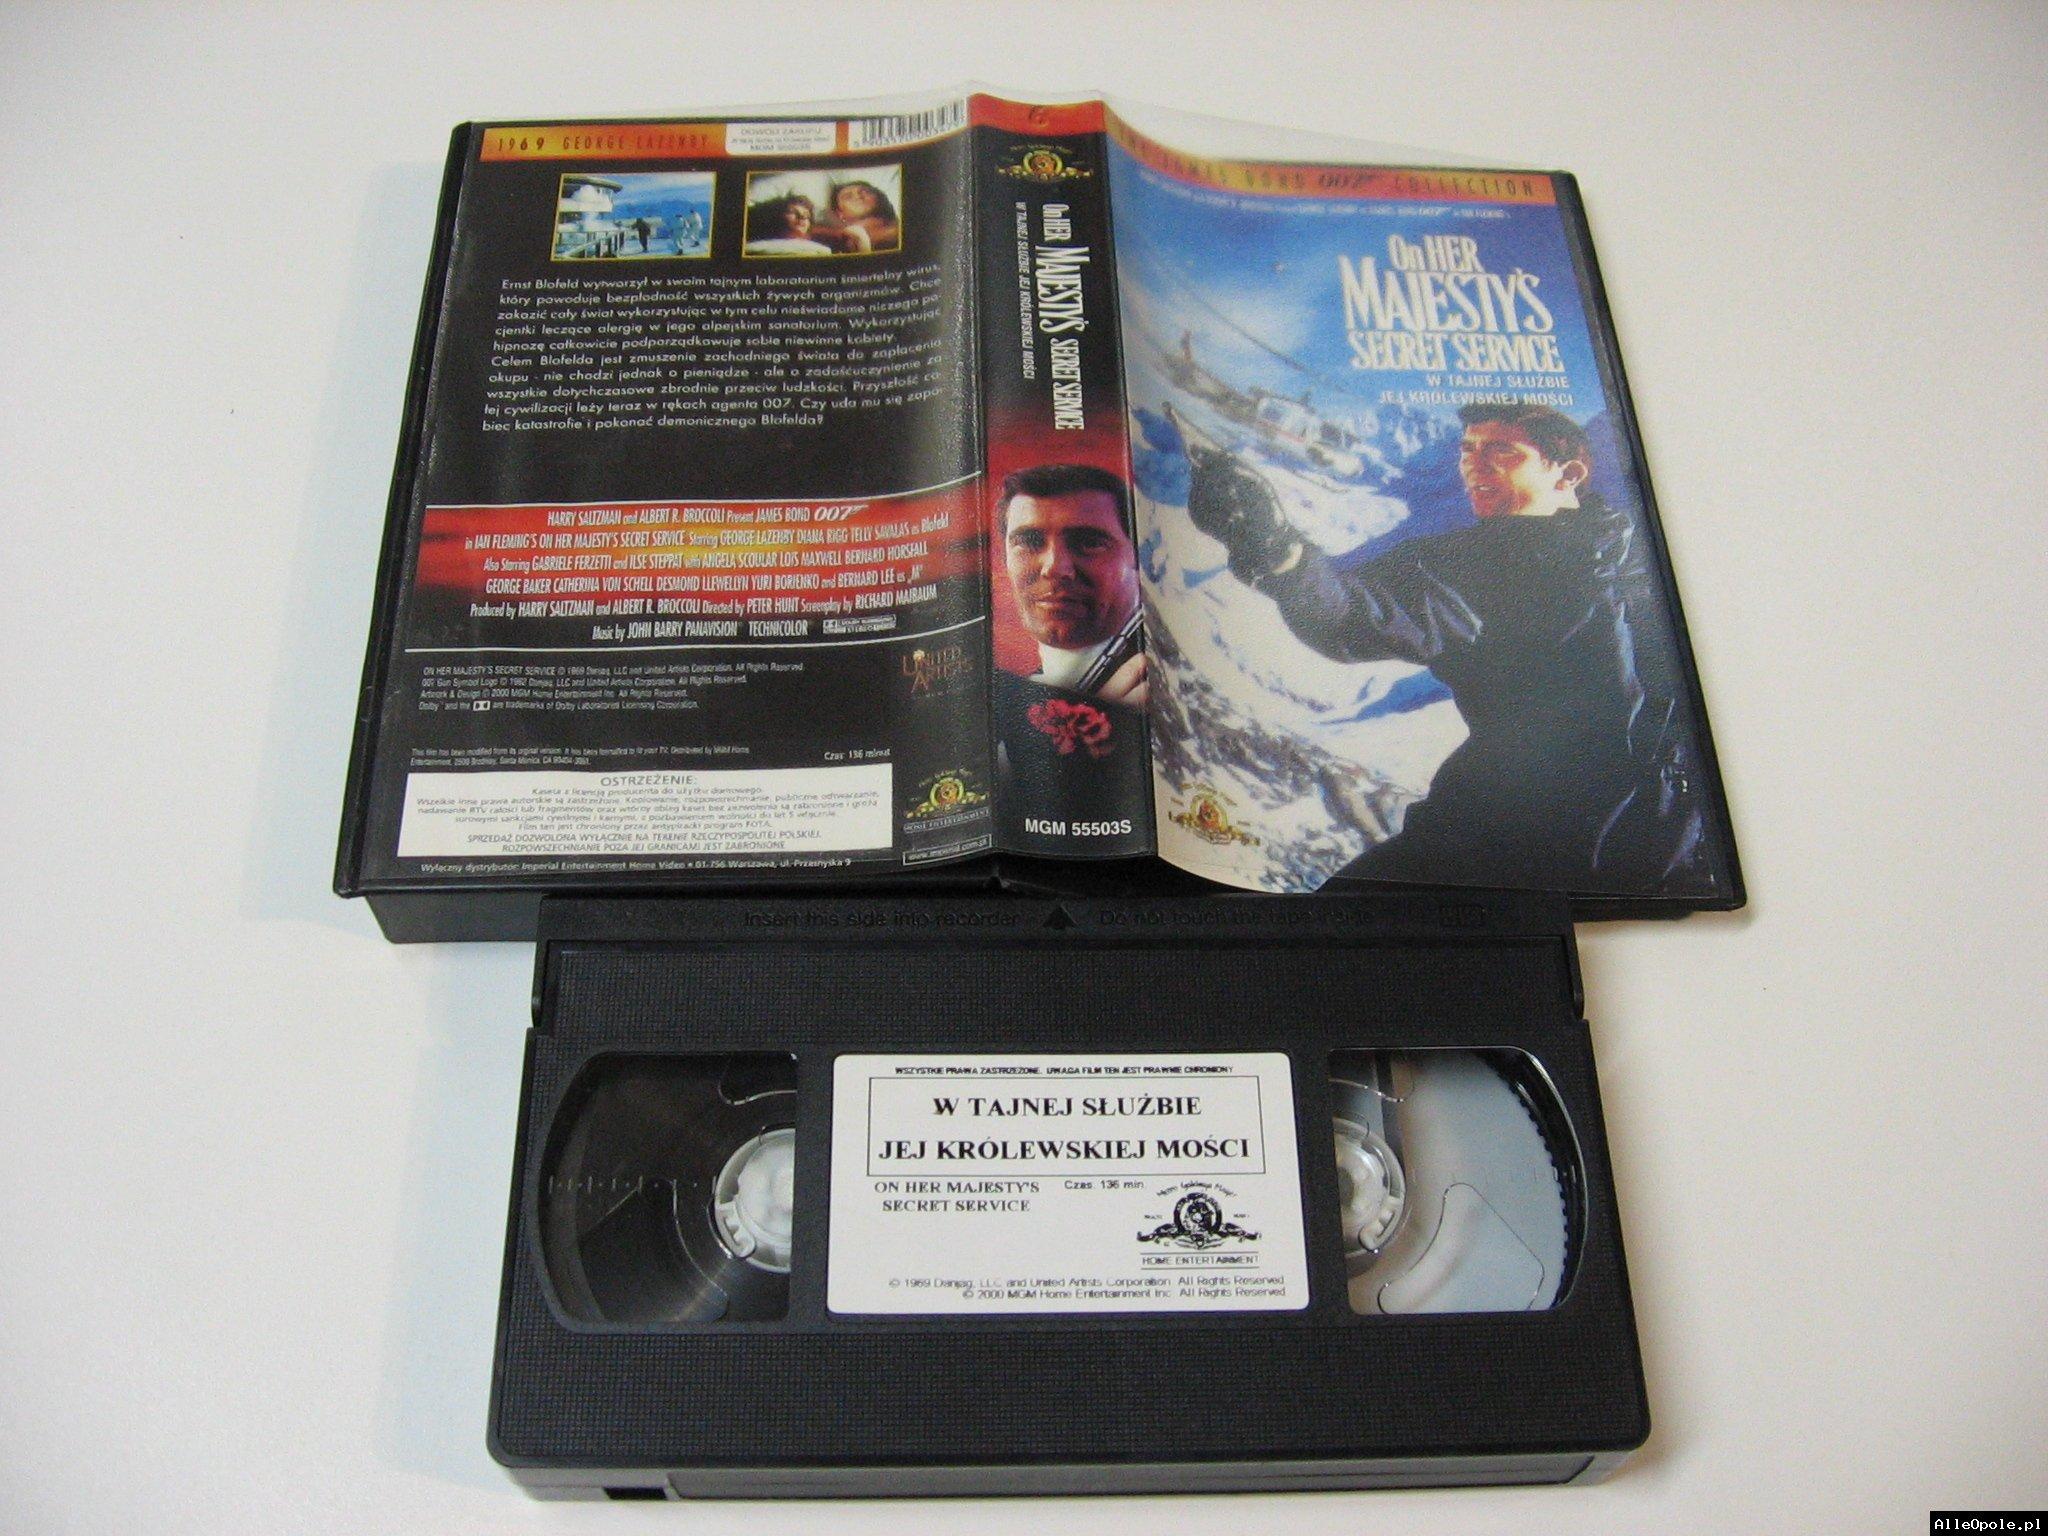 007 W TAJNEJ SŁUŻBIE JEJ KRÓLEWSKIEJ MOŚCI - VHS Kaseta Video - Opole 1740